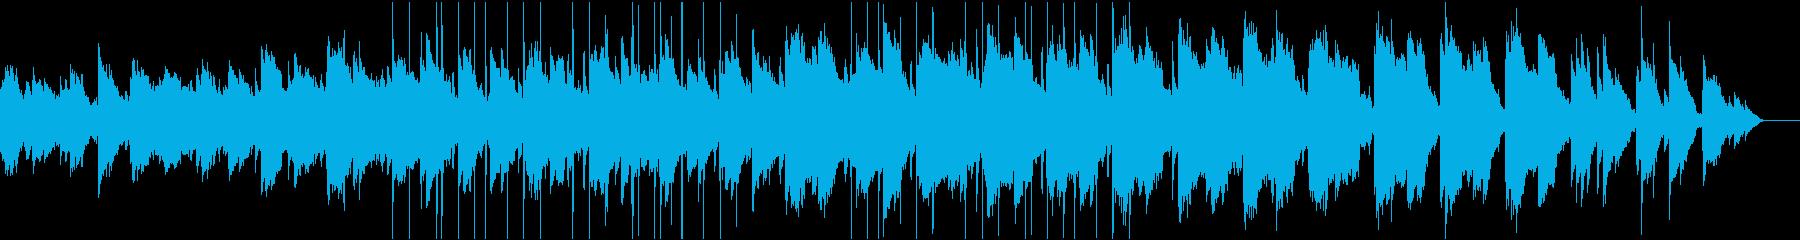 ゴシック・アンビエント・ピアノの再生済みの波形